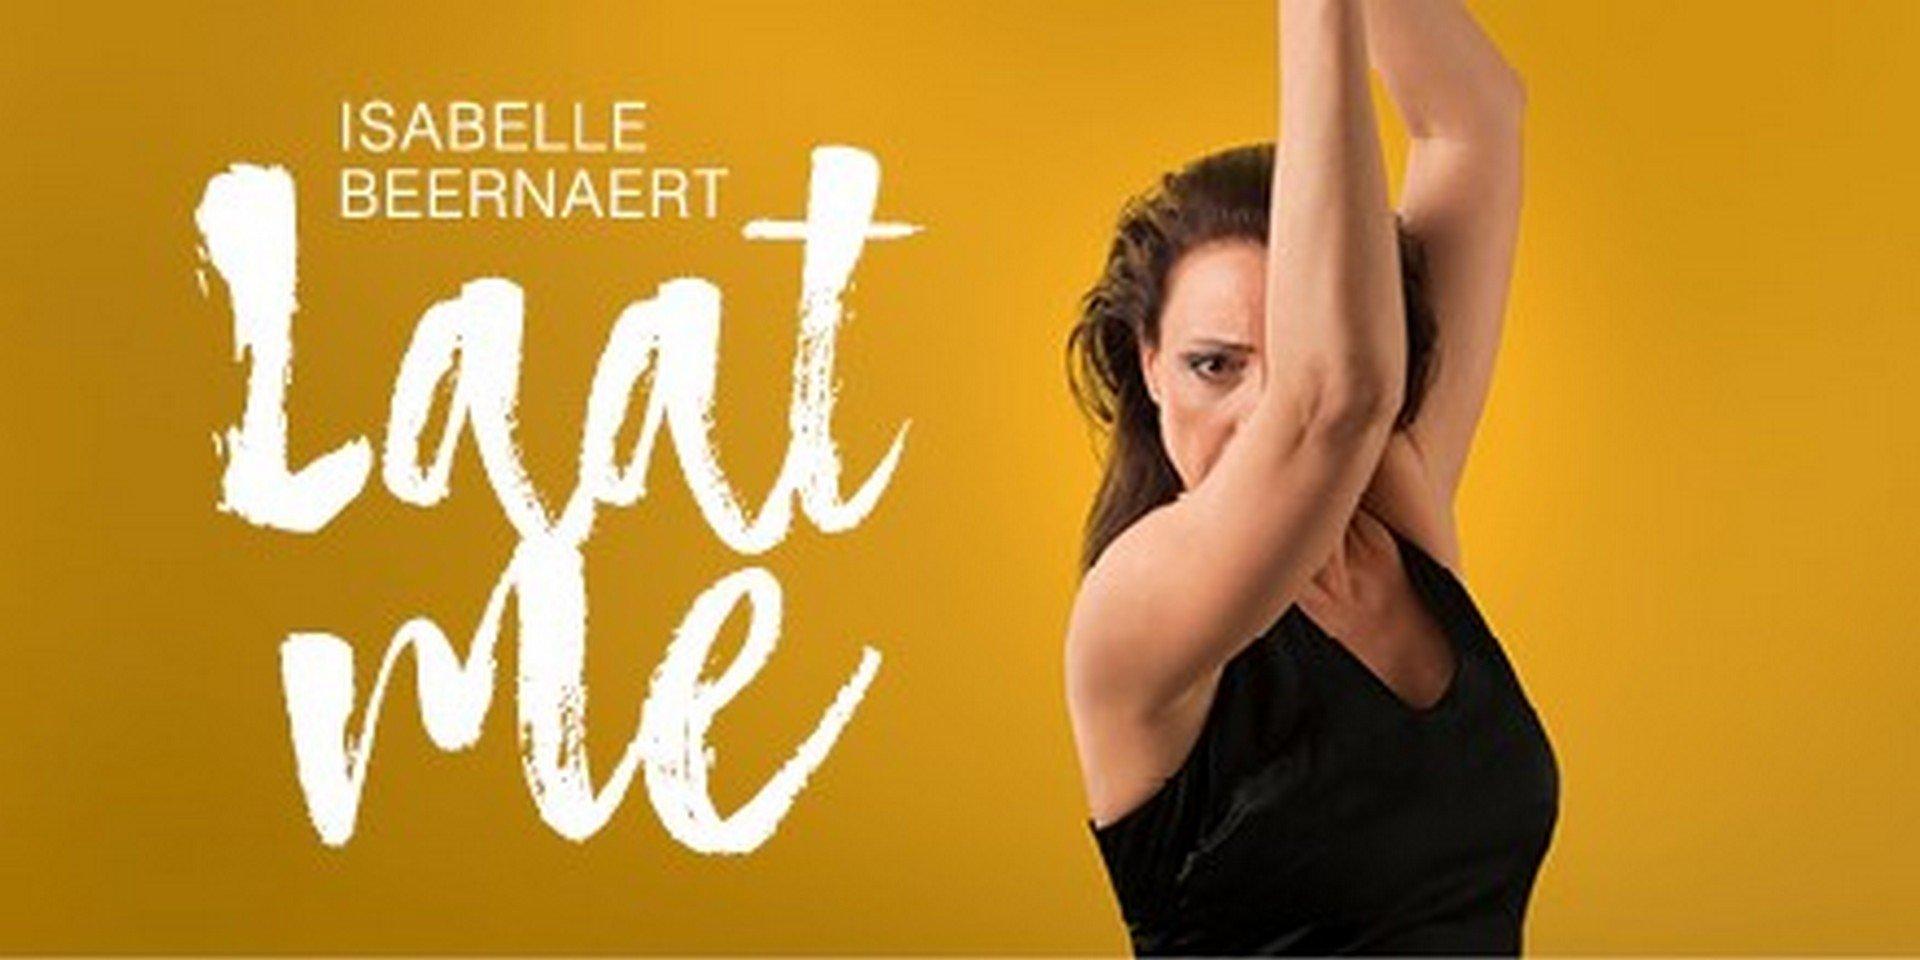 Isabelle Beernaert brengt ode aan grootmeesters - Isabelle Beernaert 5